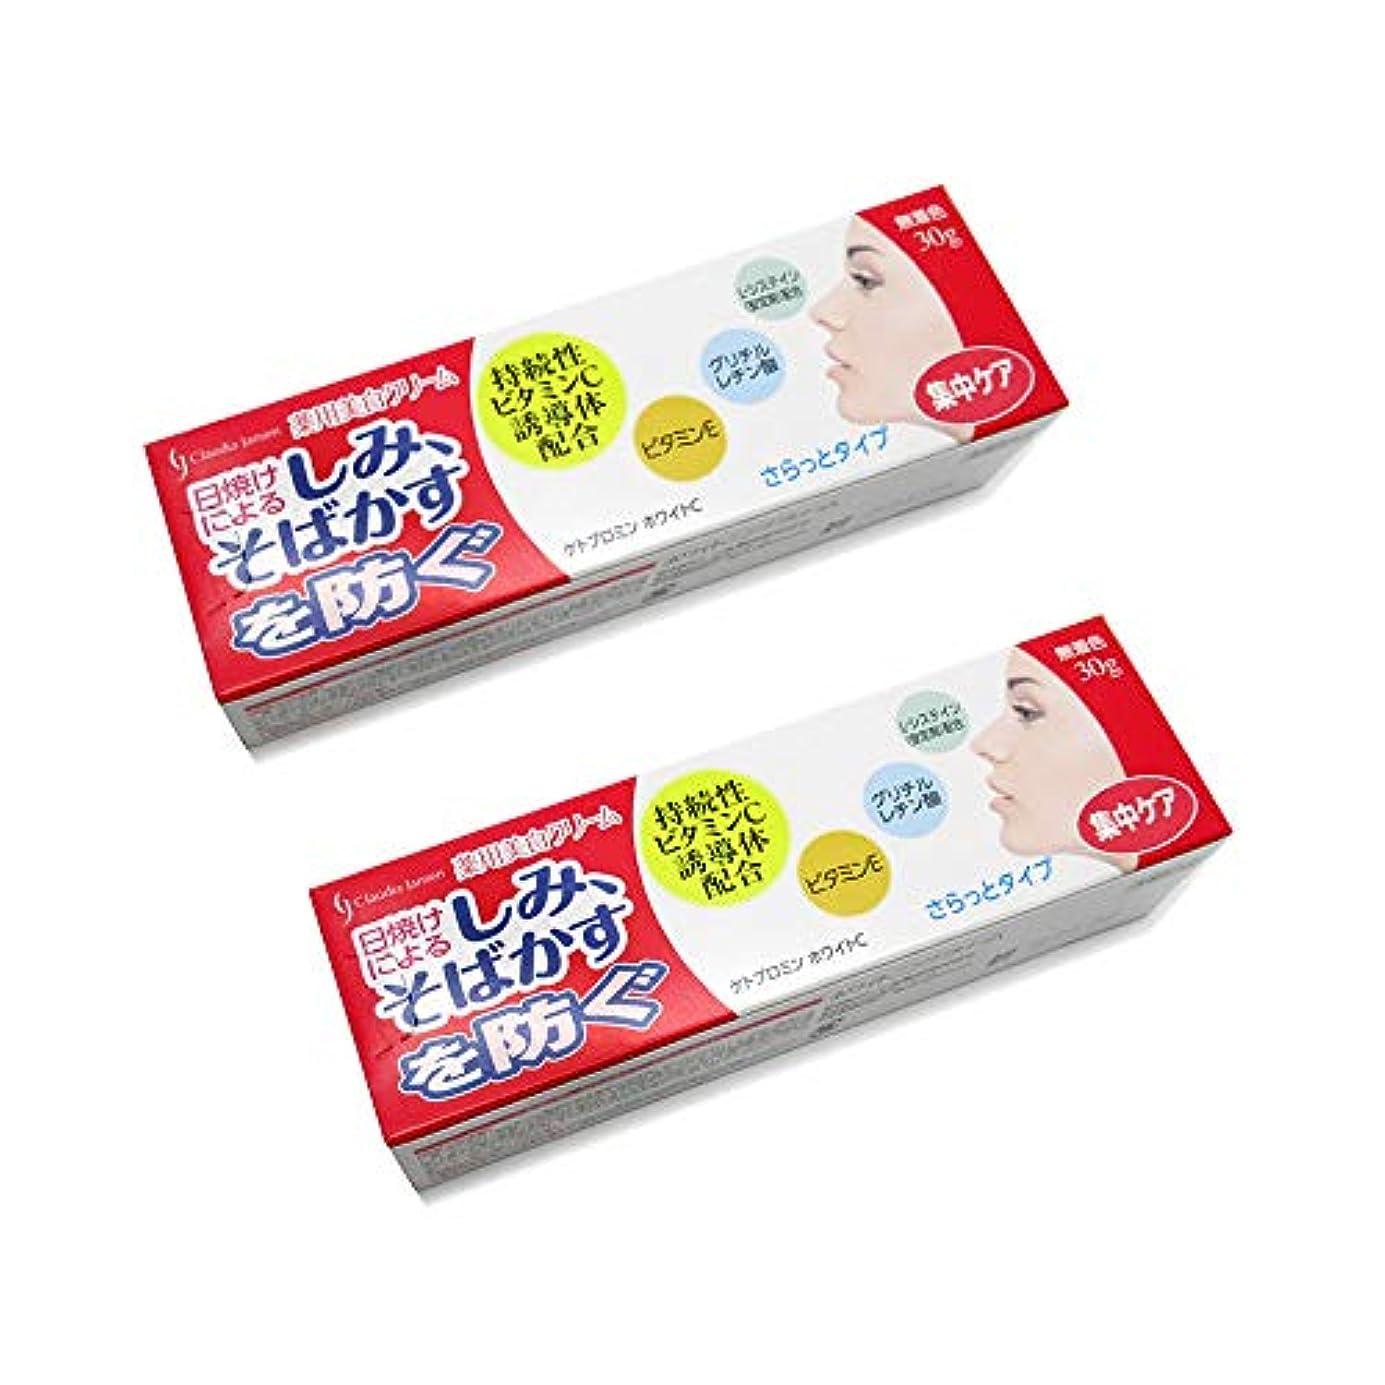 おとうさんジャンクションパースブラックボロウ薬用ホワイトニングクリームC 30g 2個セット 美白クリーム 薬用 美白クリーム 美白ケア 医薬部外品